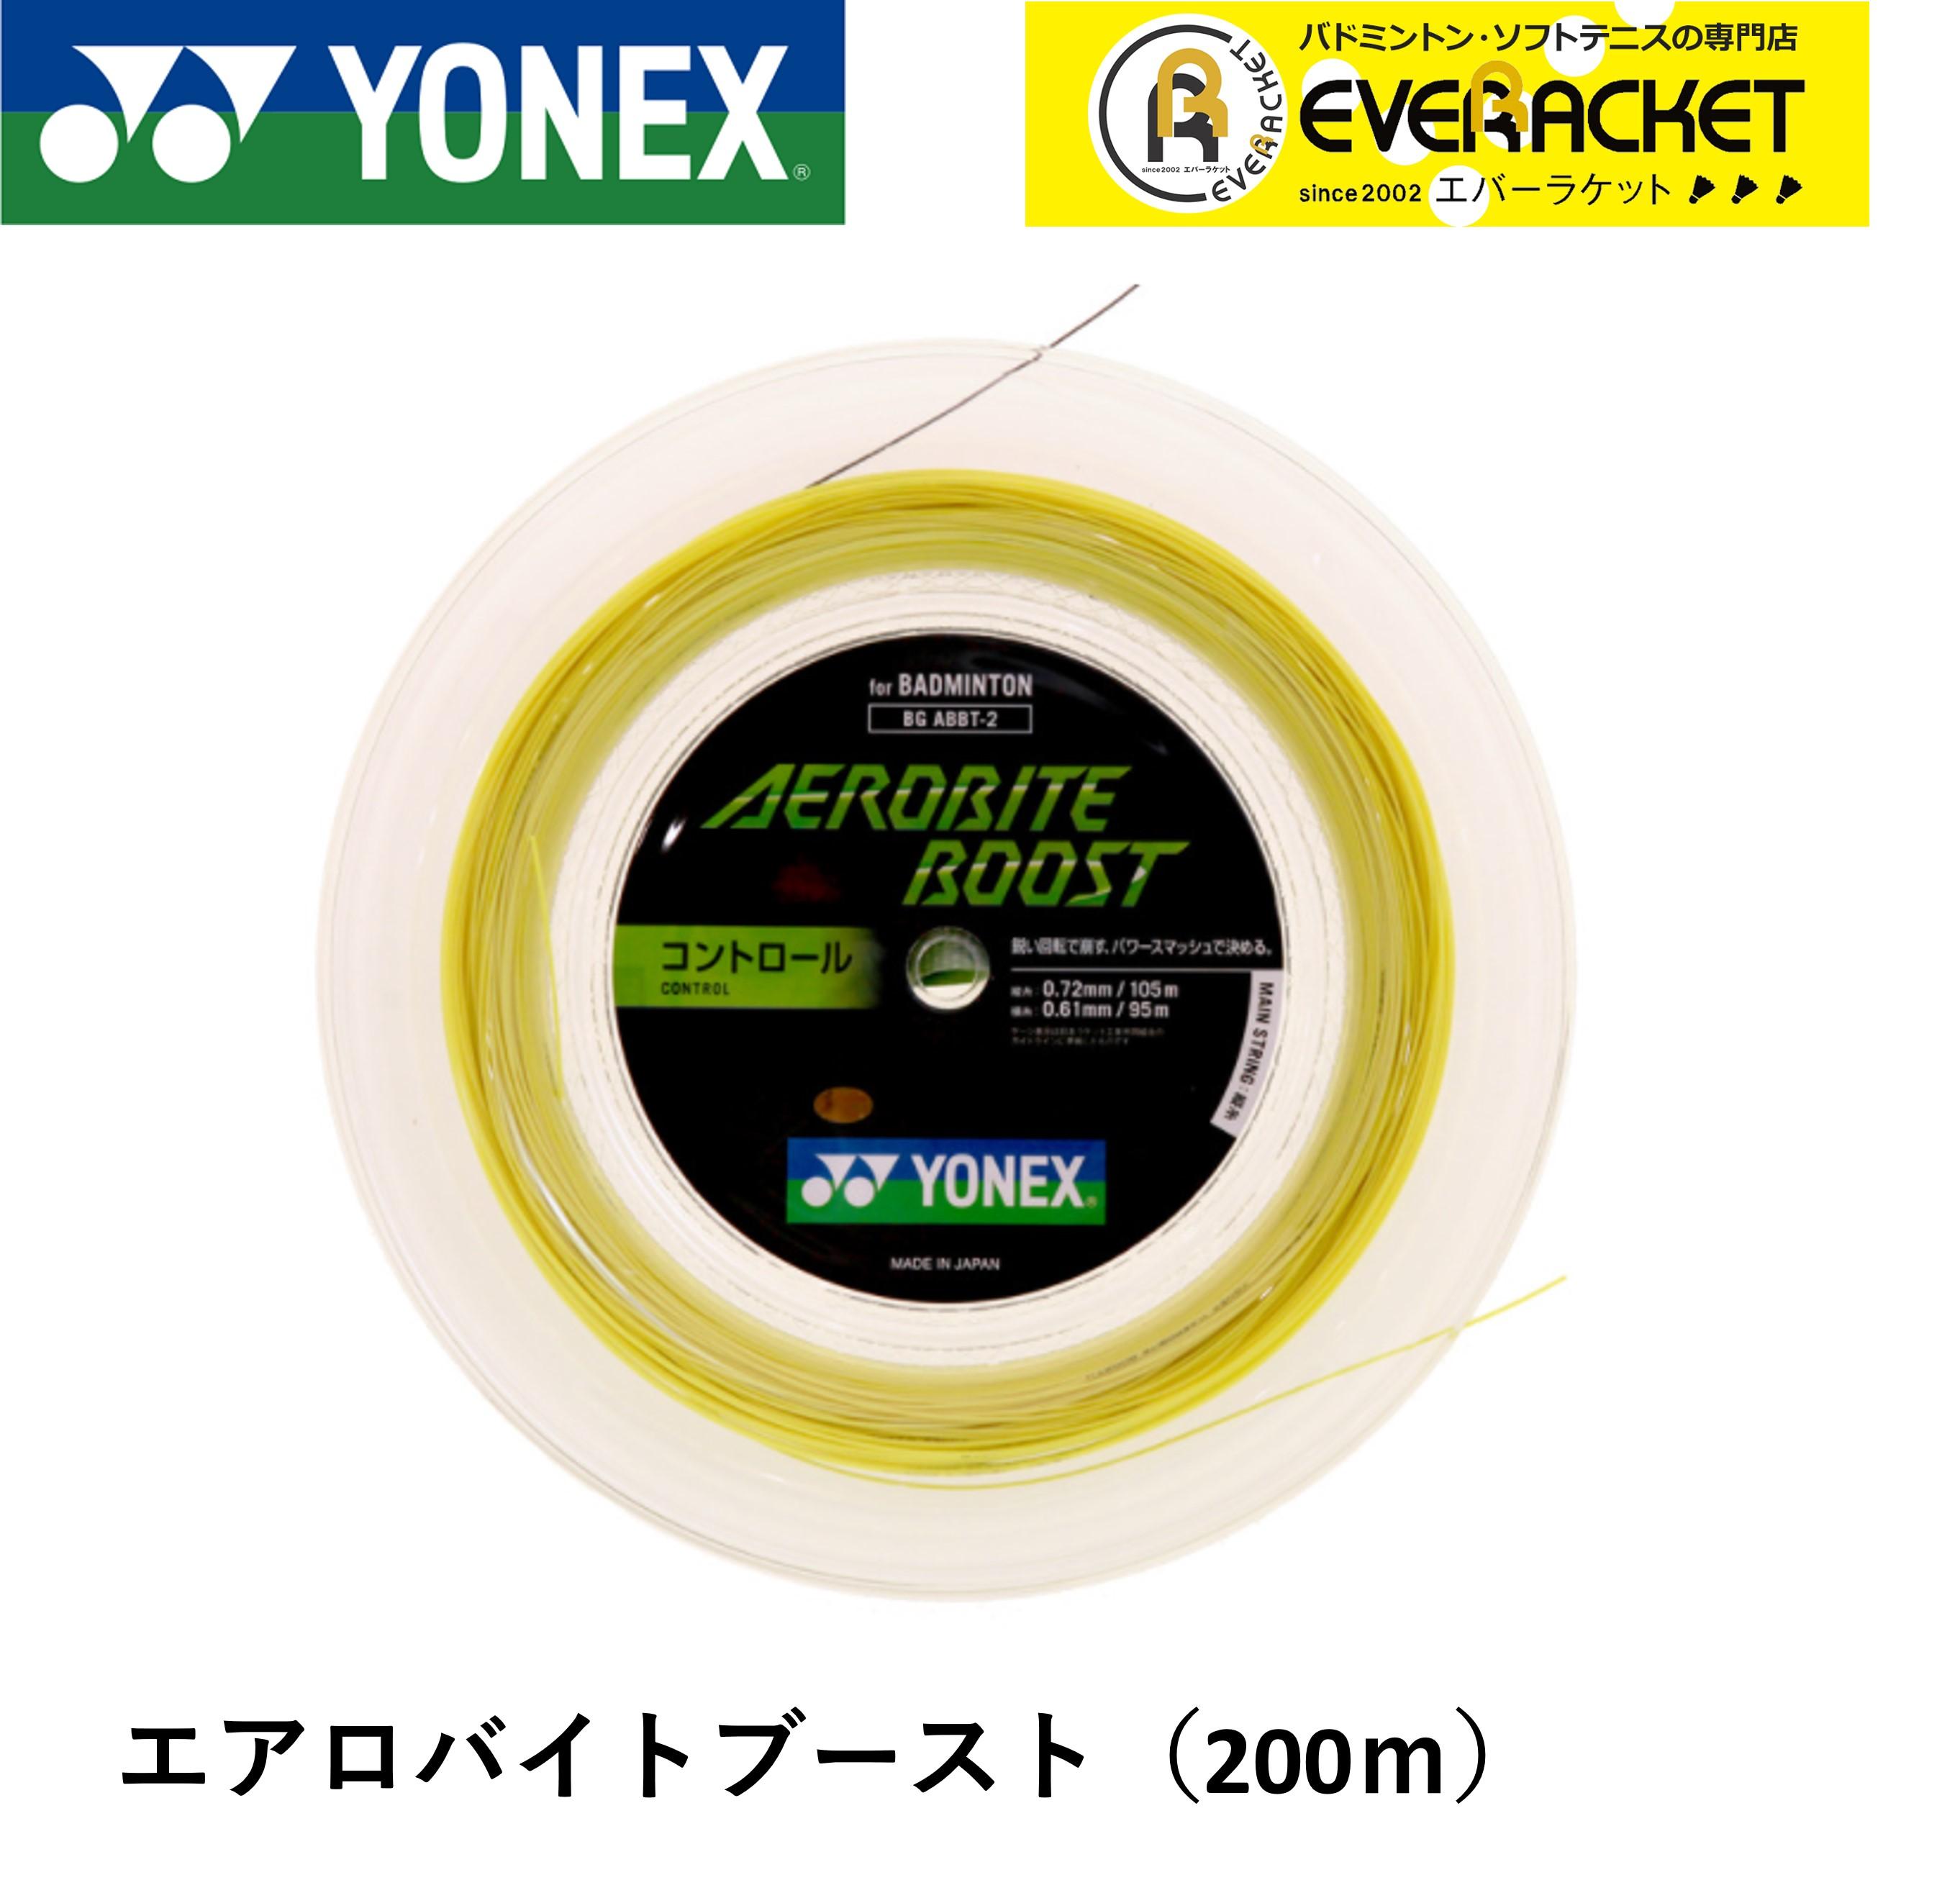 【激安ガット】ヨネックス YONEX バドミントンストリング エアロバイトブースト200m BGABBT-2 BGABBT-2 BGABBT-2 バドミントン fa7